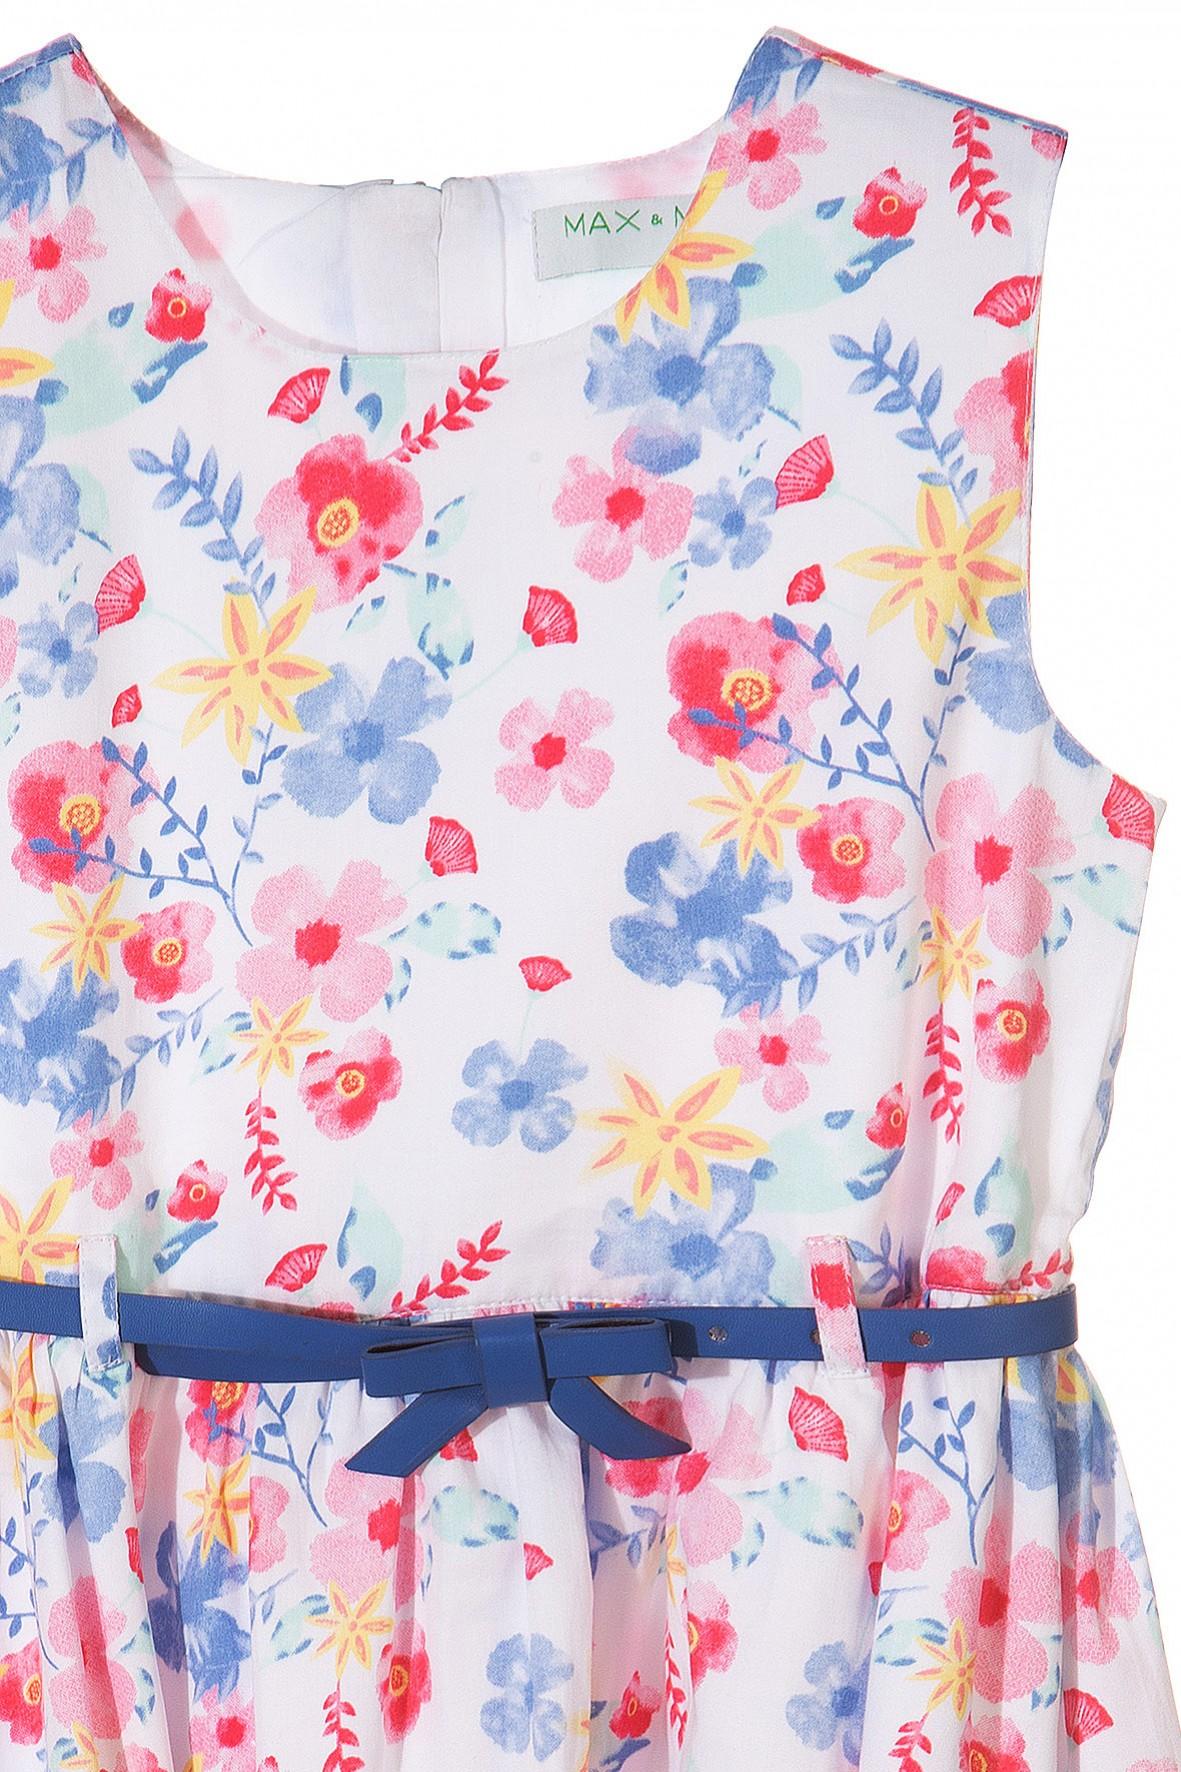 89631bec29 Elegancka sukienka w kwiaty dla dziewczynki- ubranie na specjalne okazje